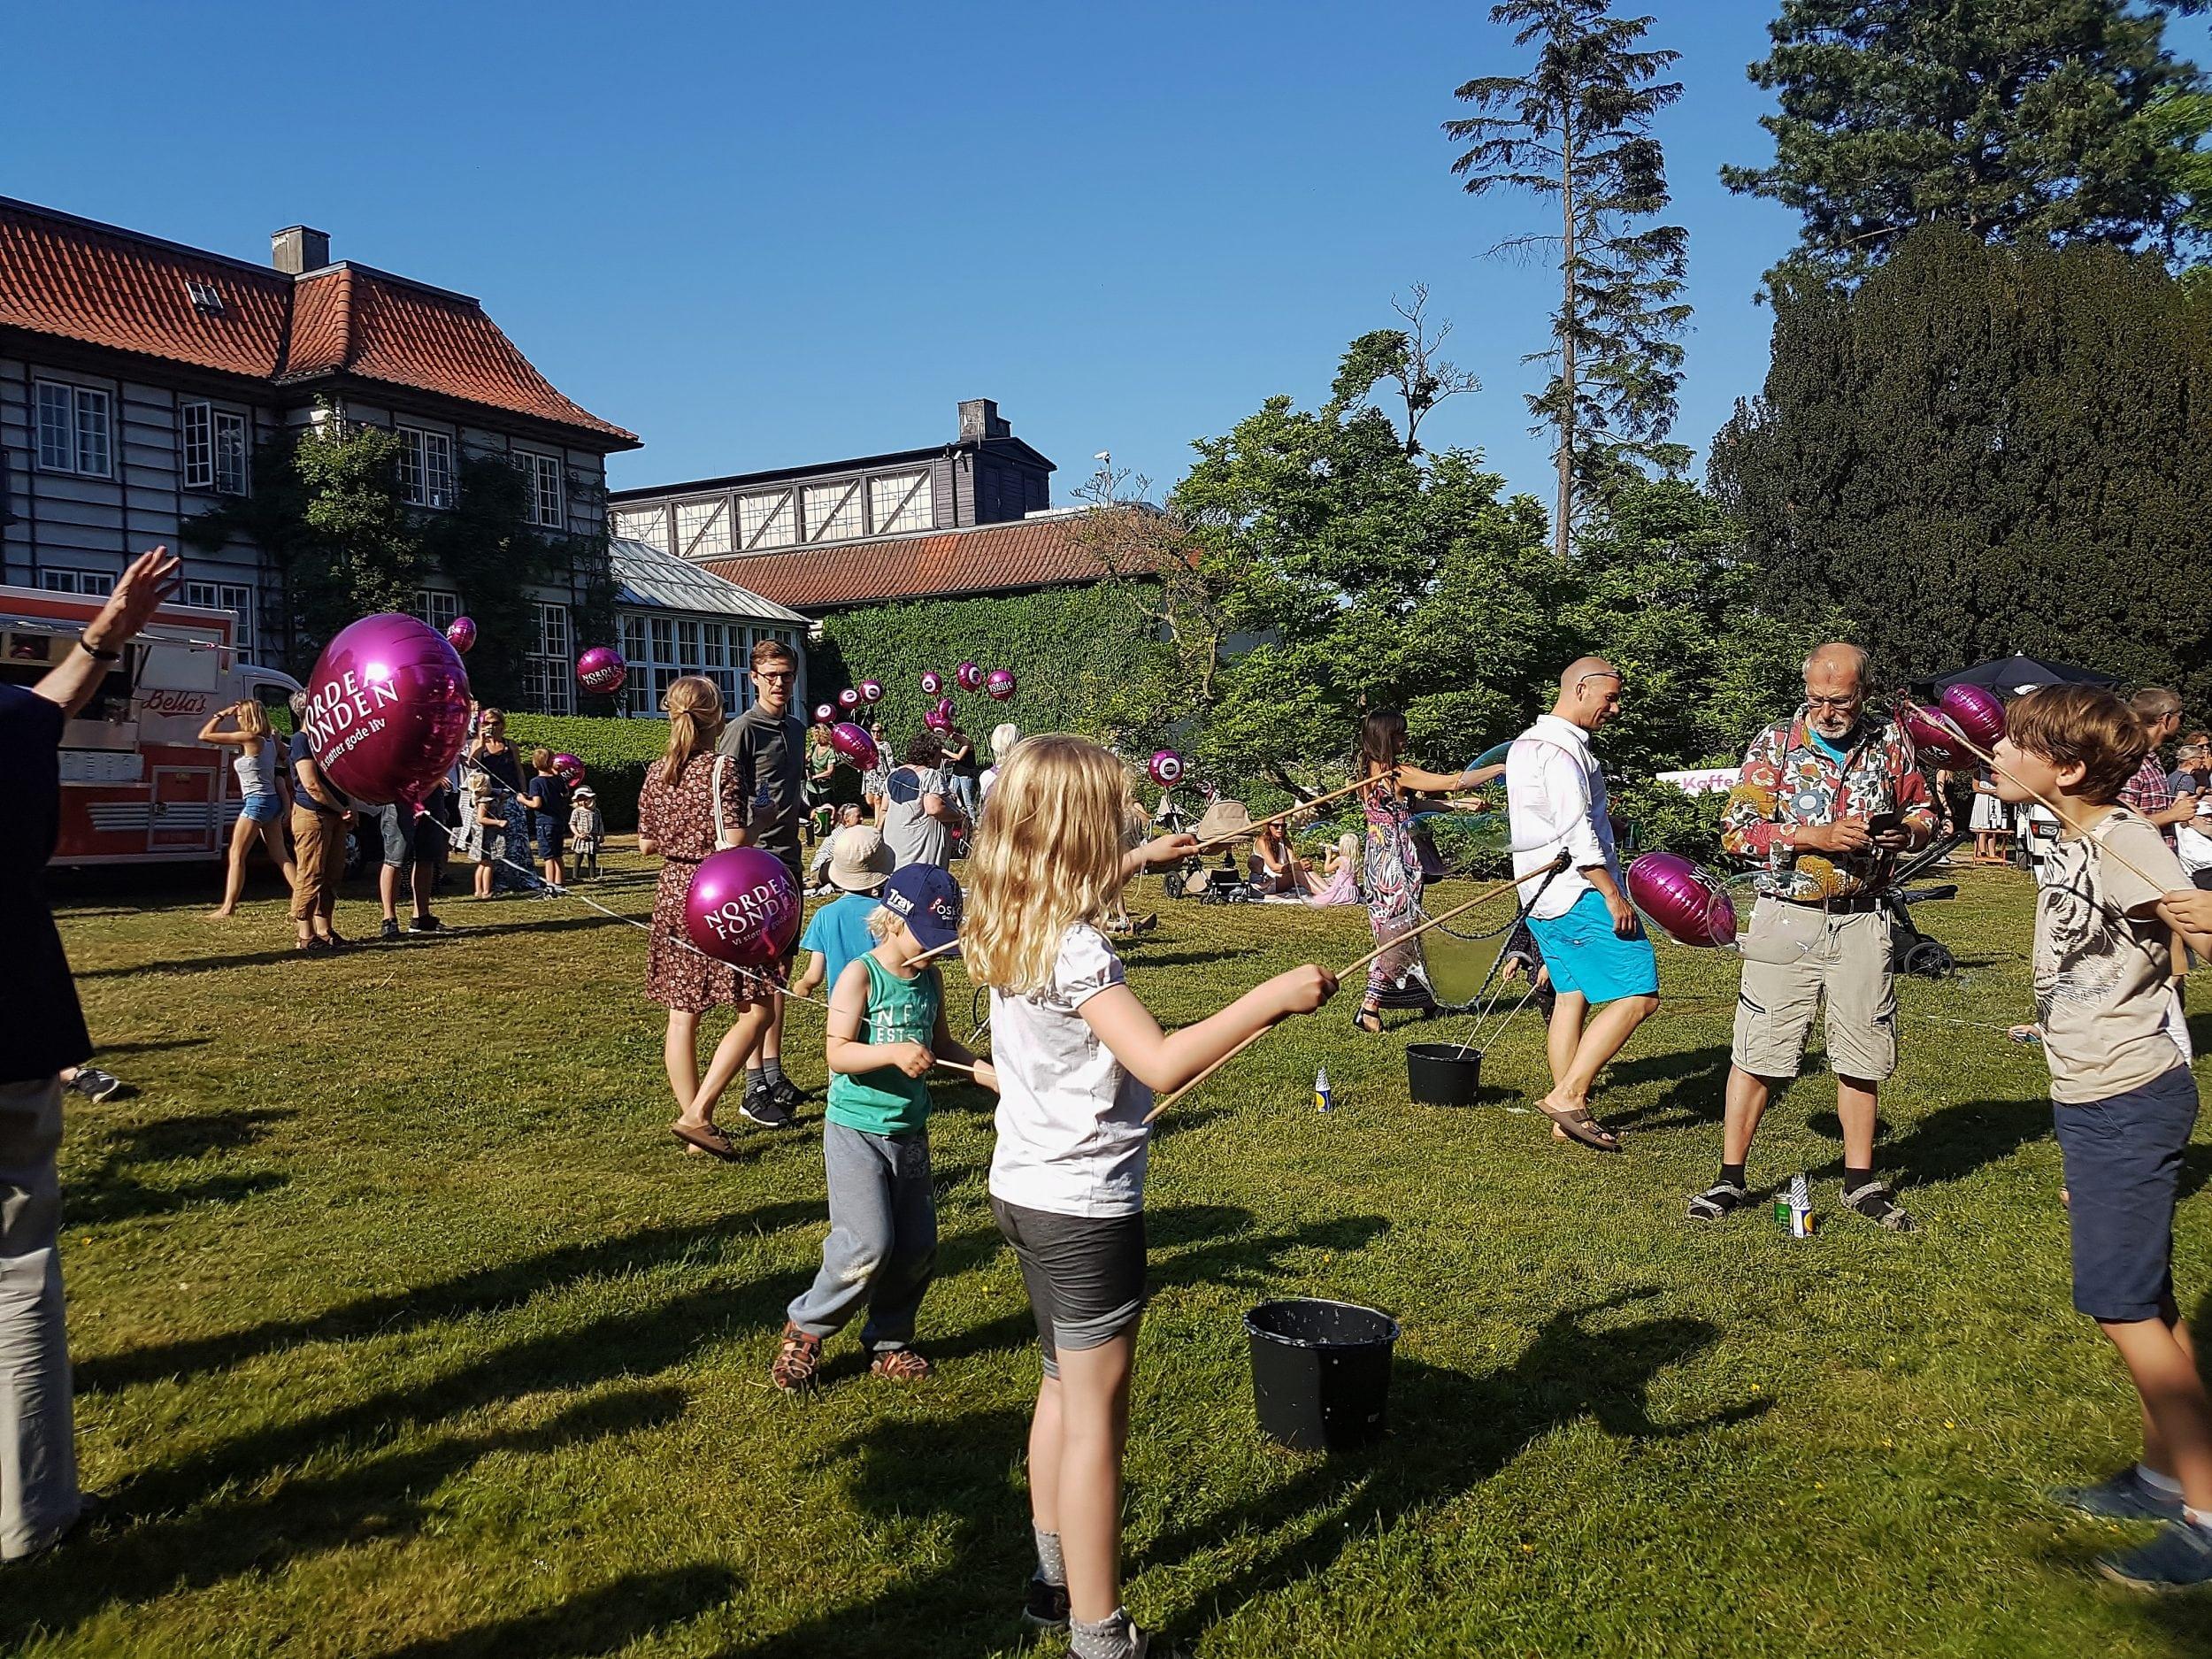 Gratis lysworkhop for børn i Ordrupgaards park